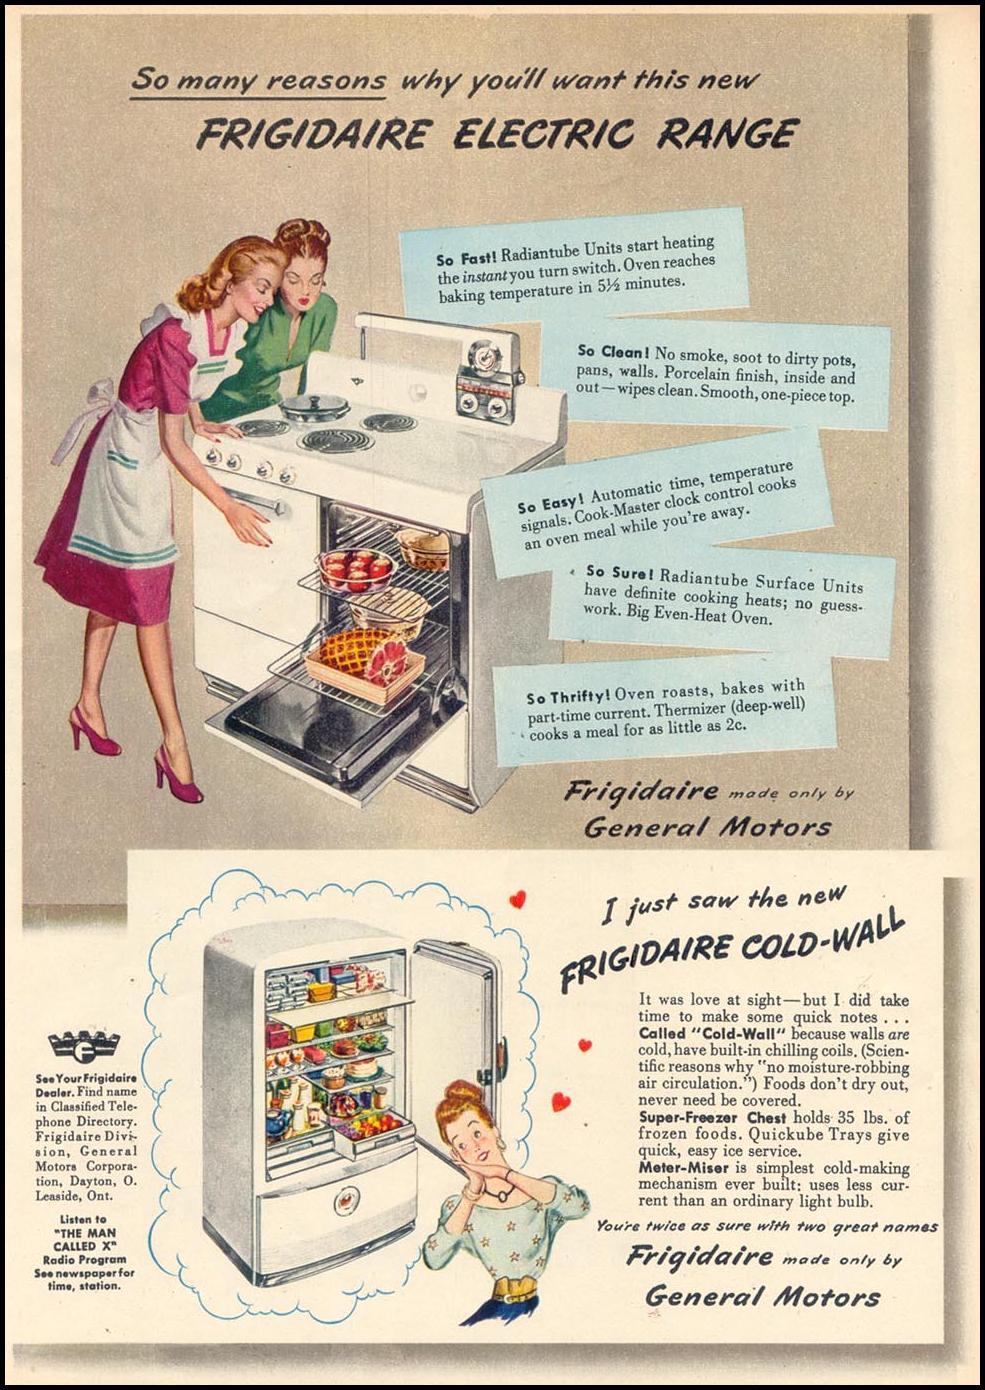 FRIGIDAIRE KITCHEN APPLIANCES WOMAN'S DAY 09/01/1947 p. 64